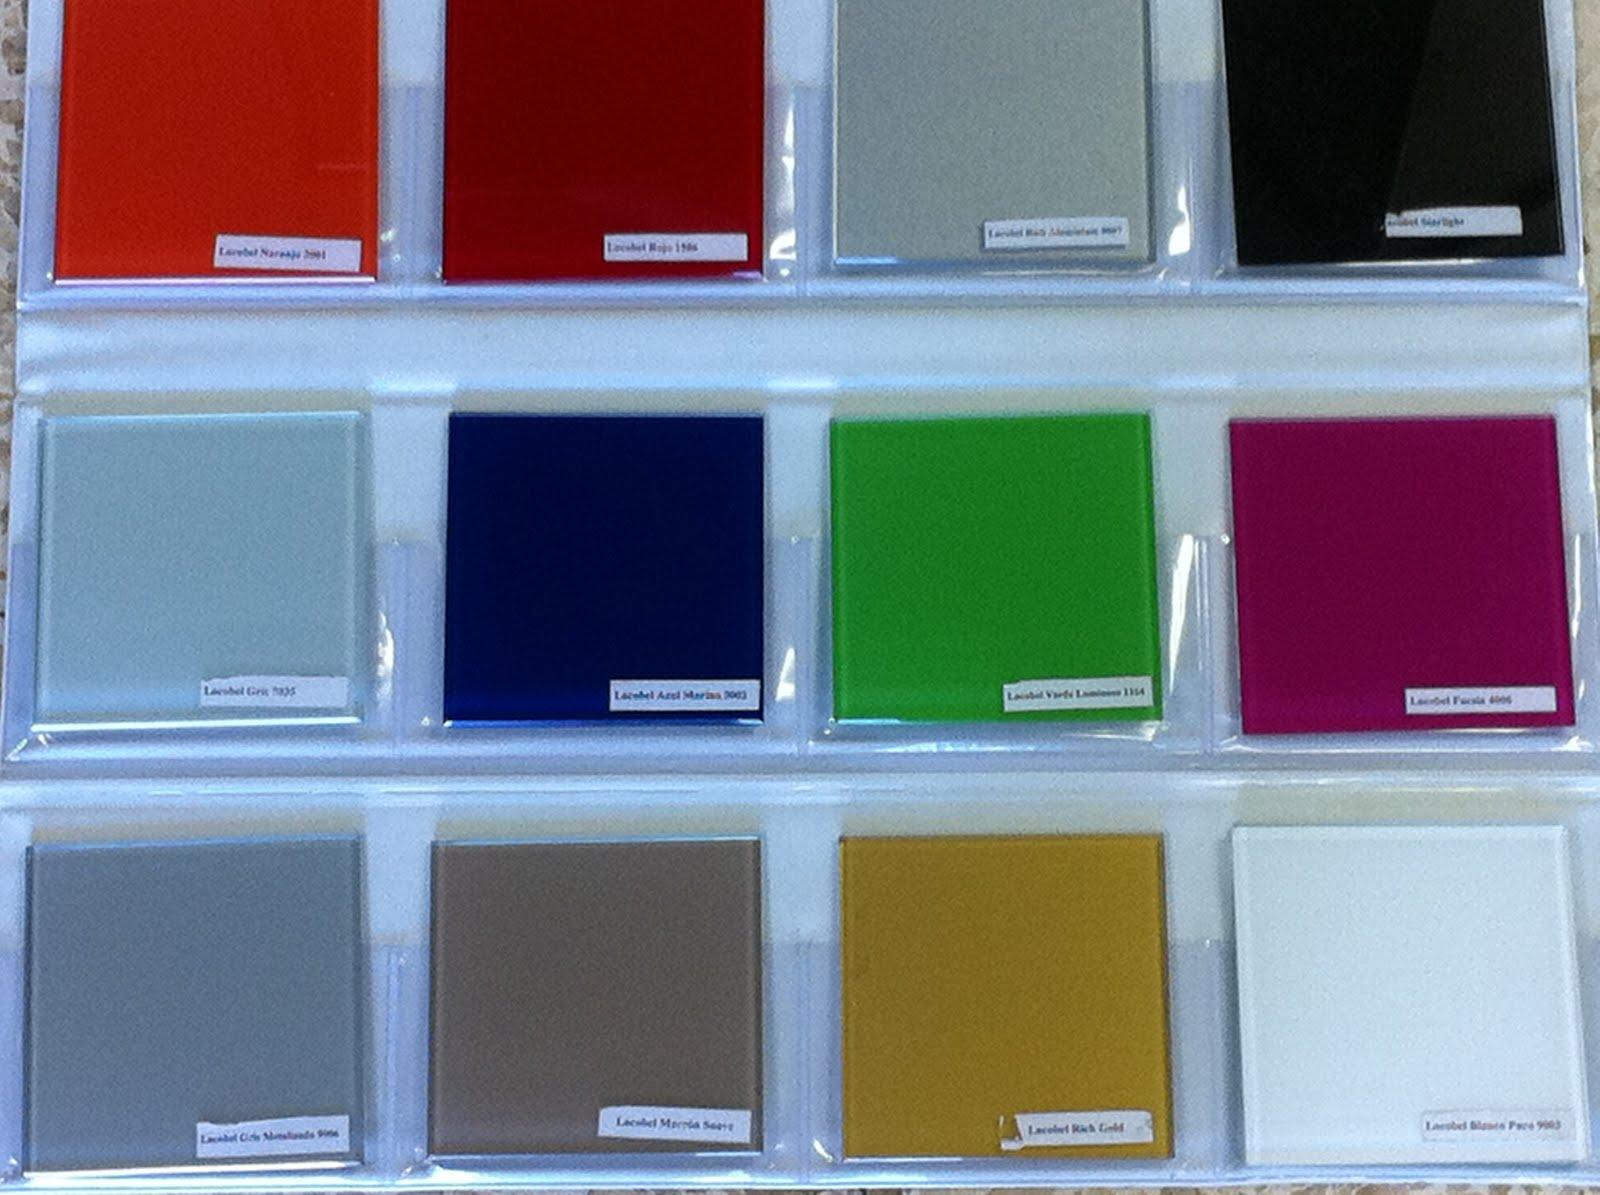 Cristal a medida vidrios lacados vidrios lacado pintado de 4 mm de espesor - Vidrio plastico transparente precio ...